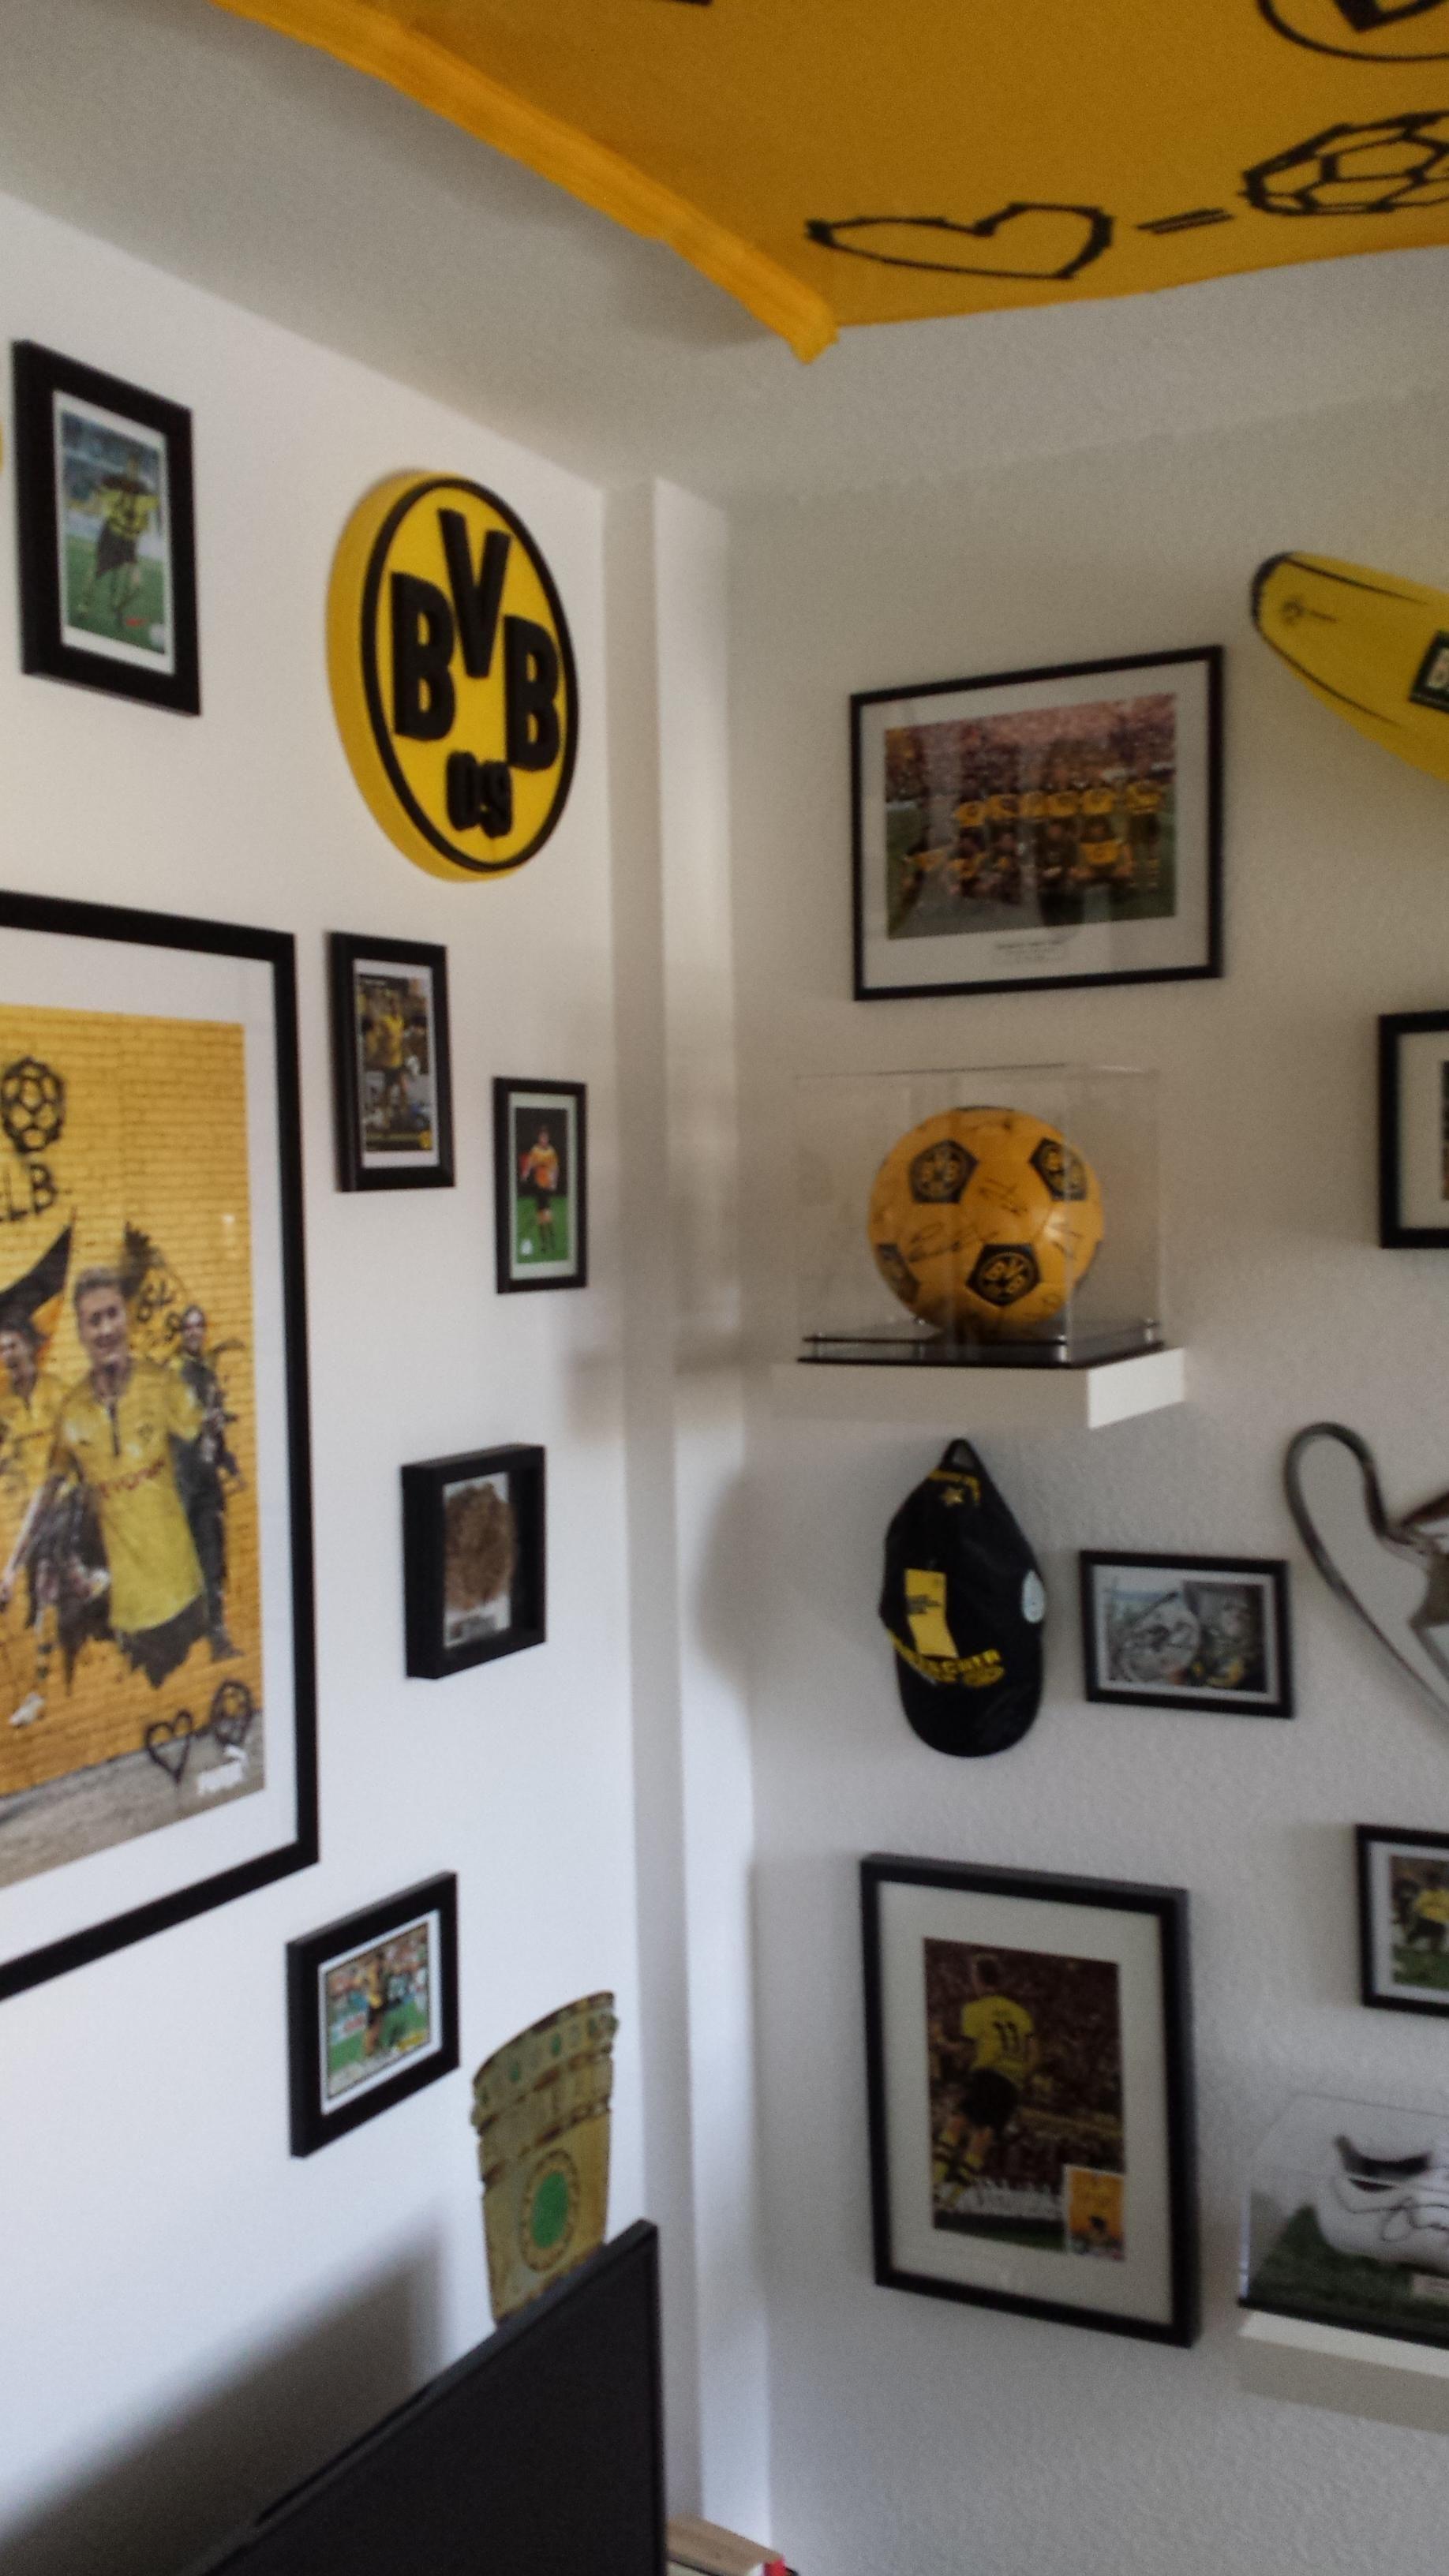 BvB Fussball Zimmer | Fussballzimmer | Bibi | Pinterest